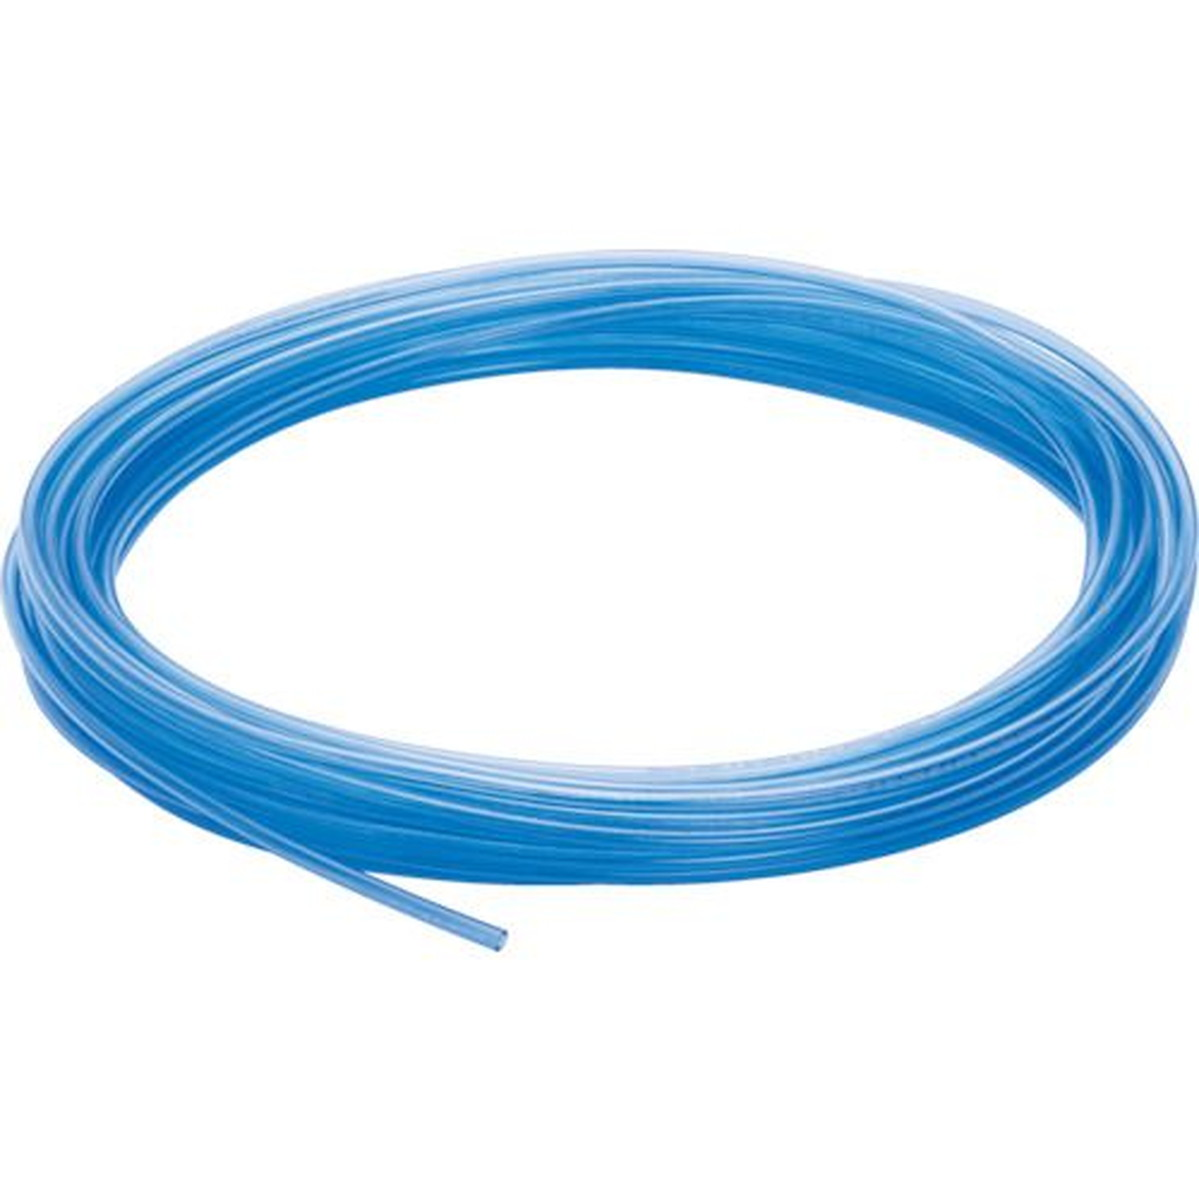 あす楽対応 訳あり品送料無料 DIY用品 ピスコ ウレタンチューブ 10X6.5 透明青 100M 1巻 豊富な品